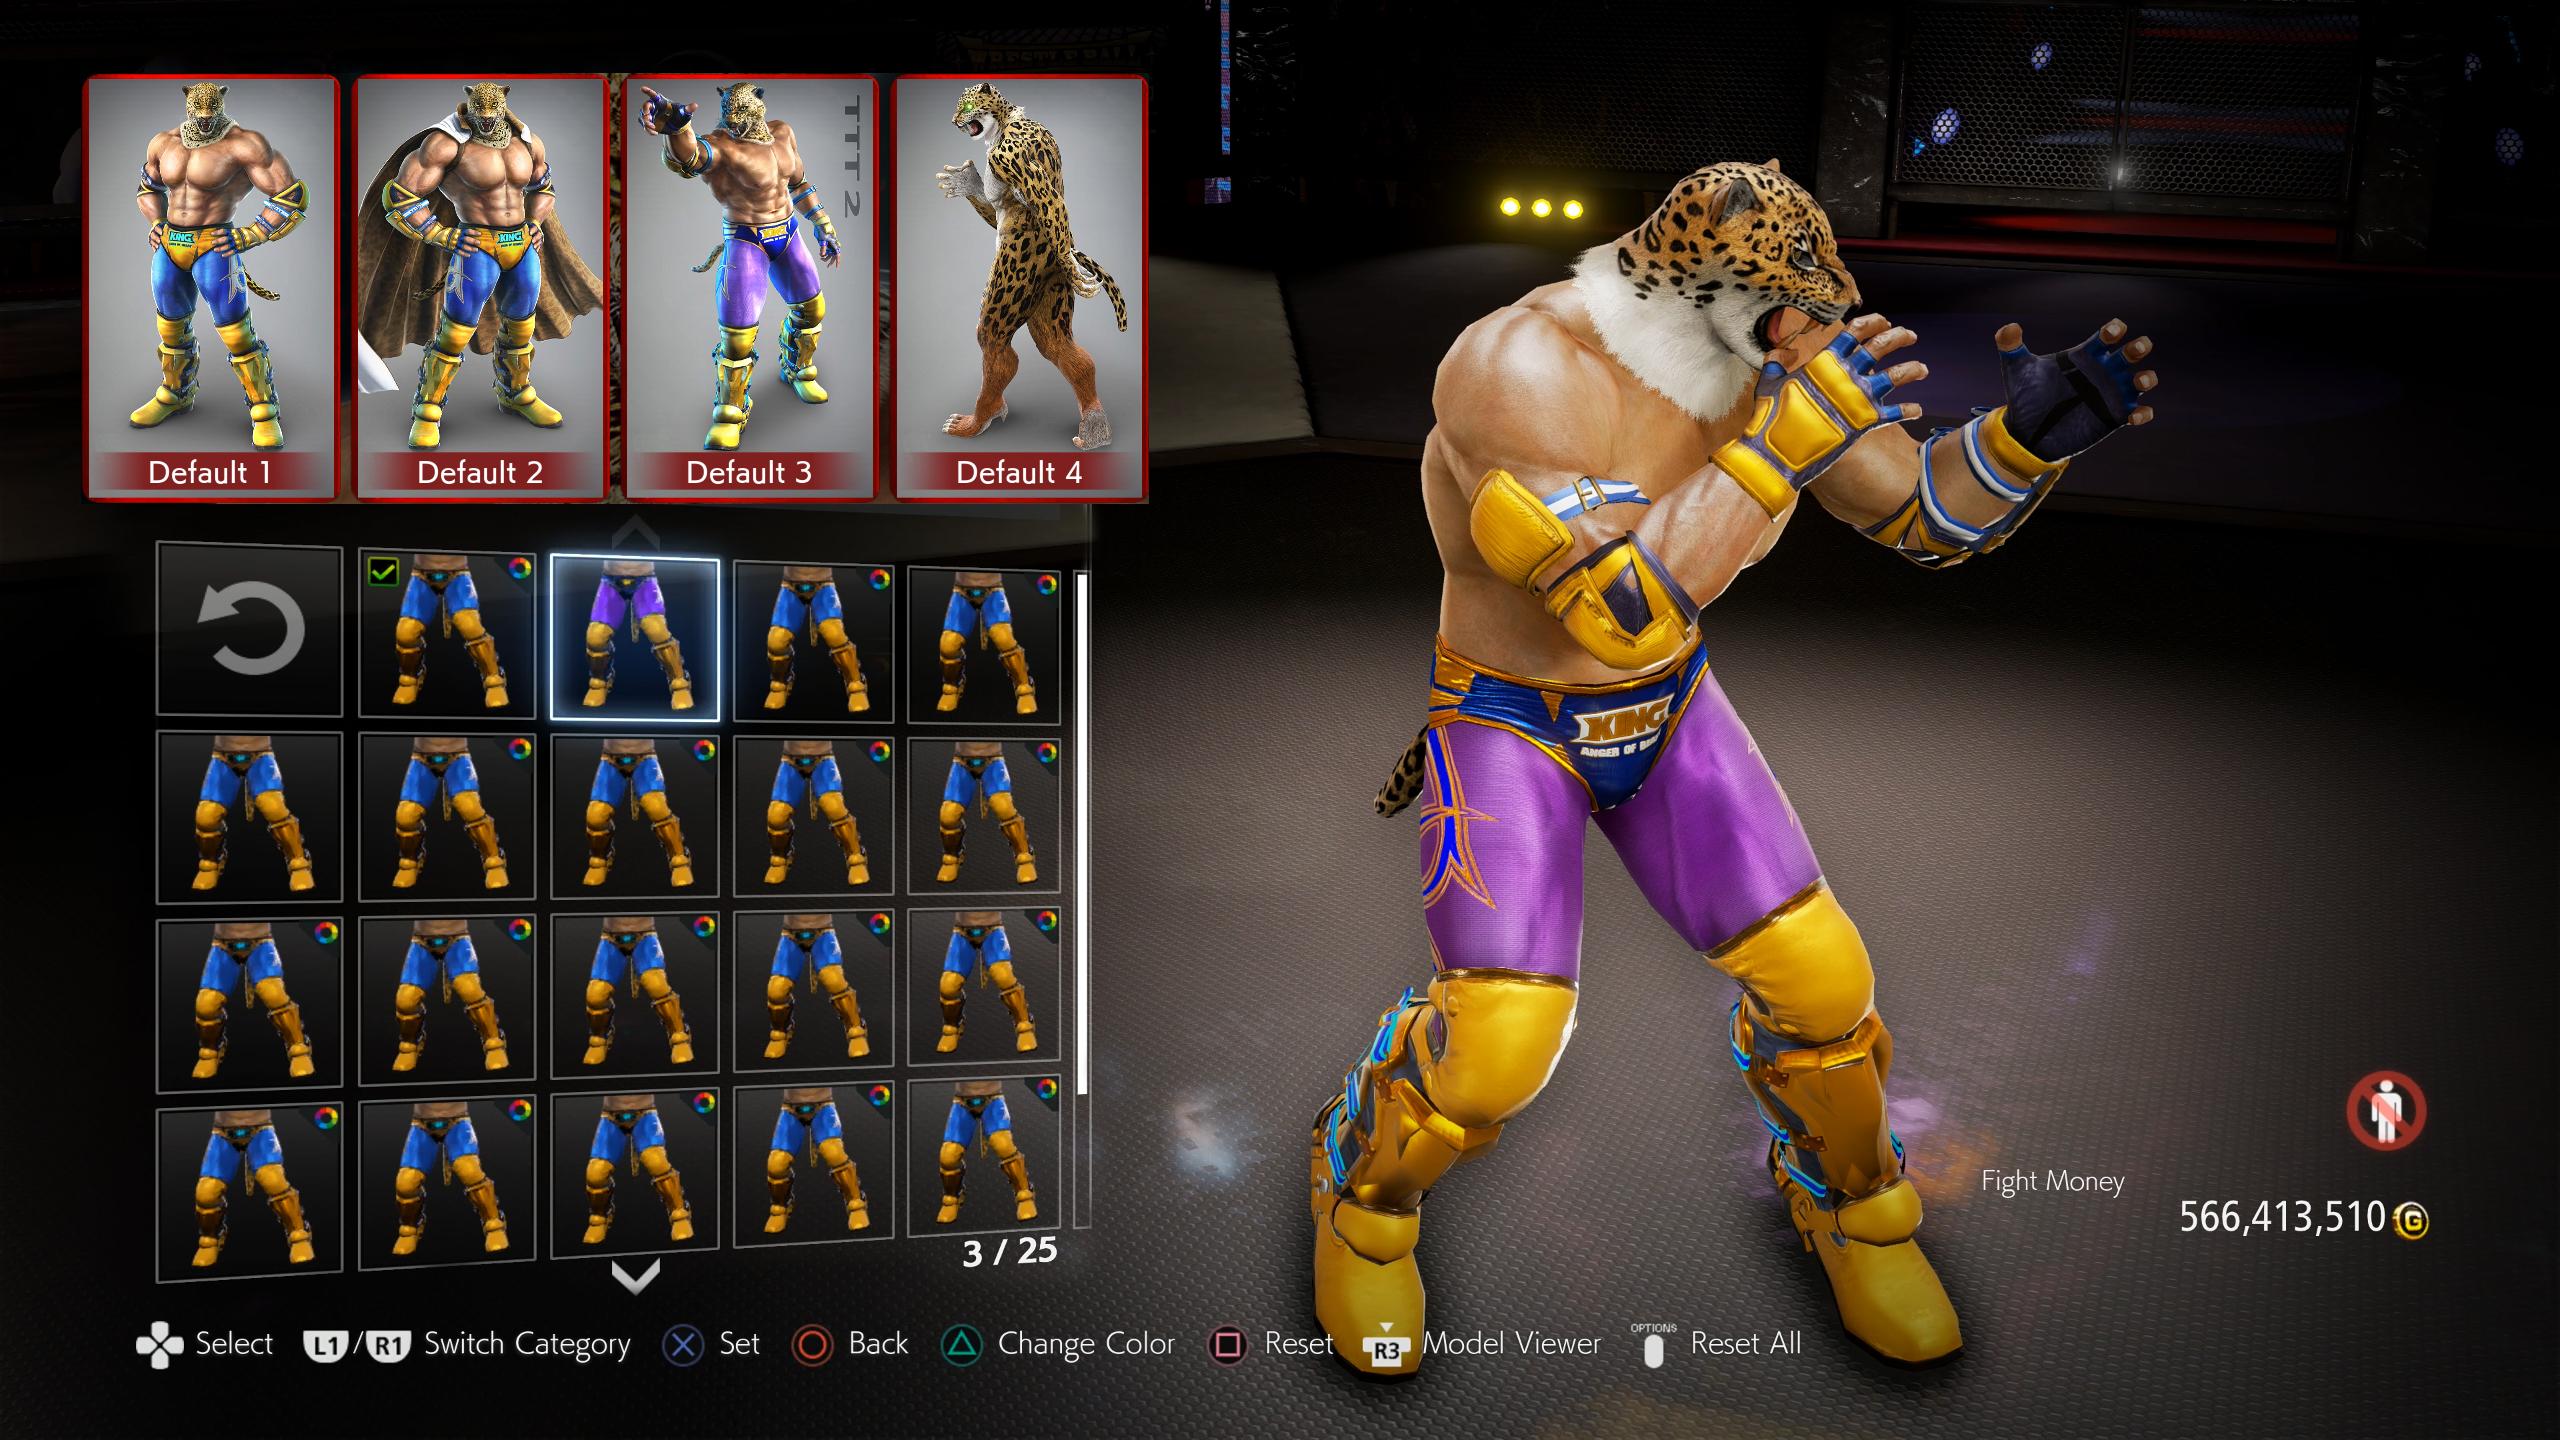 tekken 3 king costume